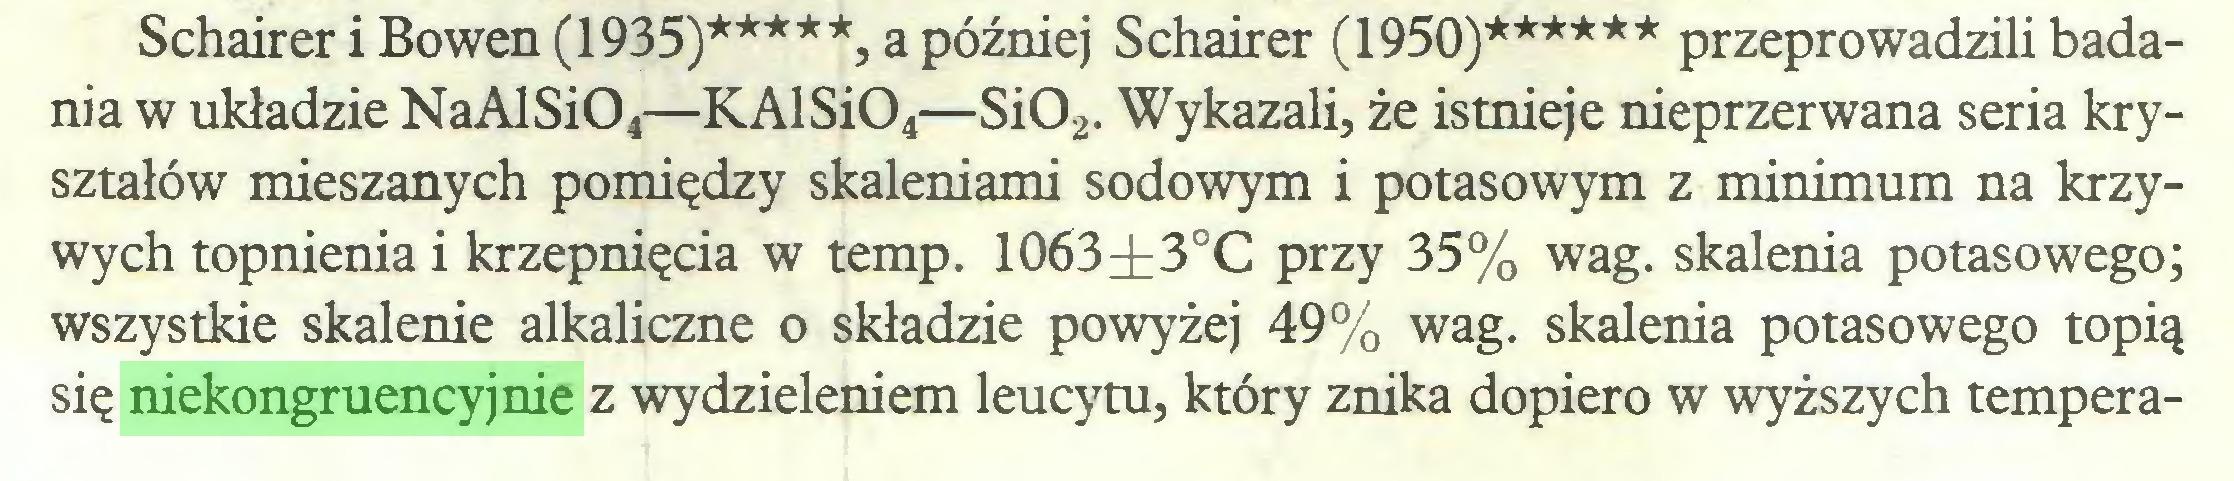 (...) Schairer i Bowen (1935)*****, a później Schairer (1950)****** przeprowadzili badania w układzie NaAlSi04—KAlSi04—Si02. Wykazali, że istnieje nieprzerwana seria kryształów mieszanych pomiędzy skaleniami sodowym i potasowym z minimum na krzywych topnienia i krzepnięcia w temp. 1063it3oC przy 35% wag. skalenia potasowego; wszystkie skalenie alkaliczne o składzie powyżej 49% wag. skalenia potasowego topią się niekongruencyjnie z wydzieleniem leucytu, który znika dopiero w wyższych tempera...